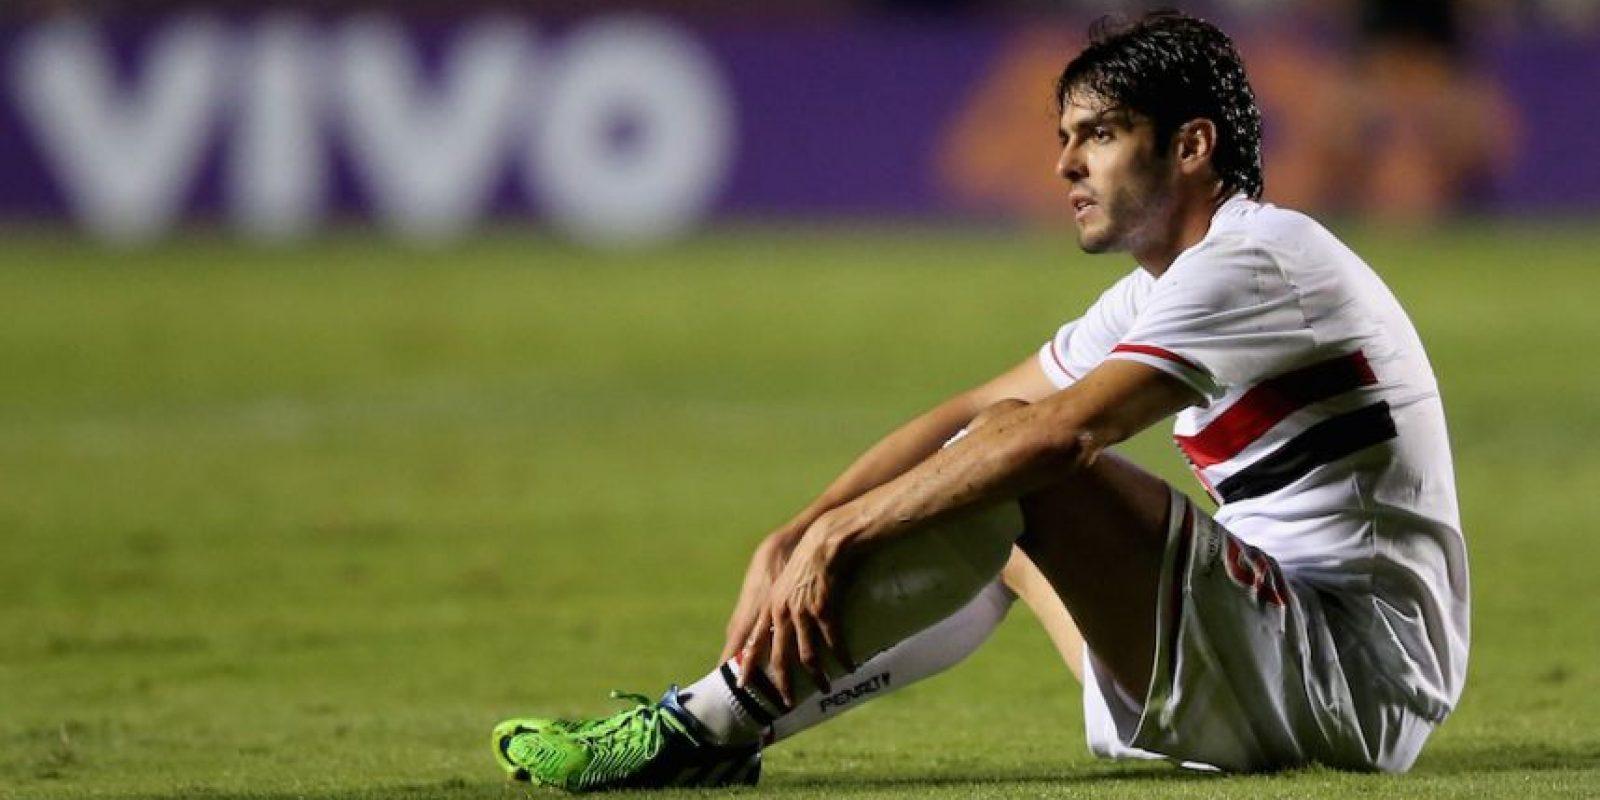 Milán de Italia y Real Madrid de España fueron sus otros equipos. Foto:Getty Images